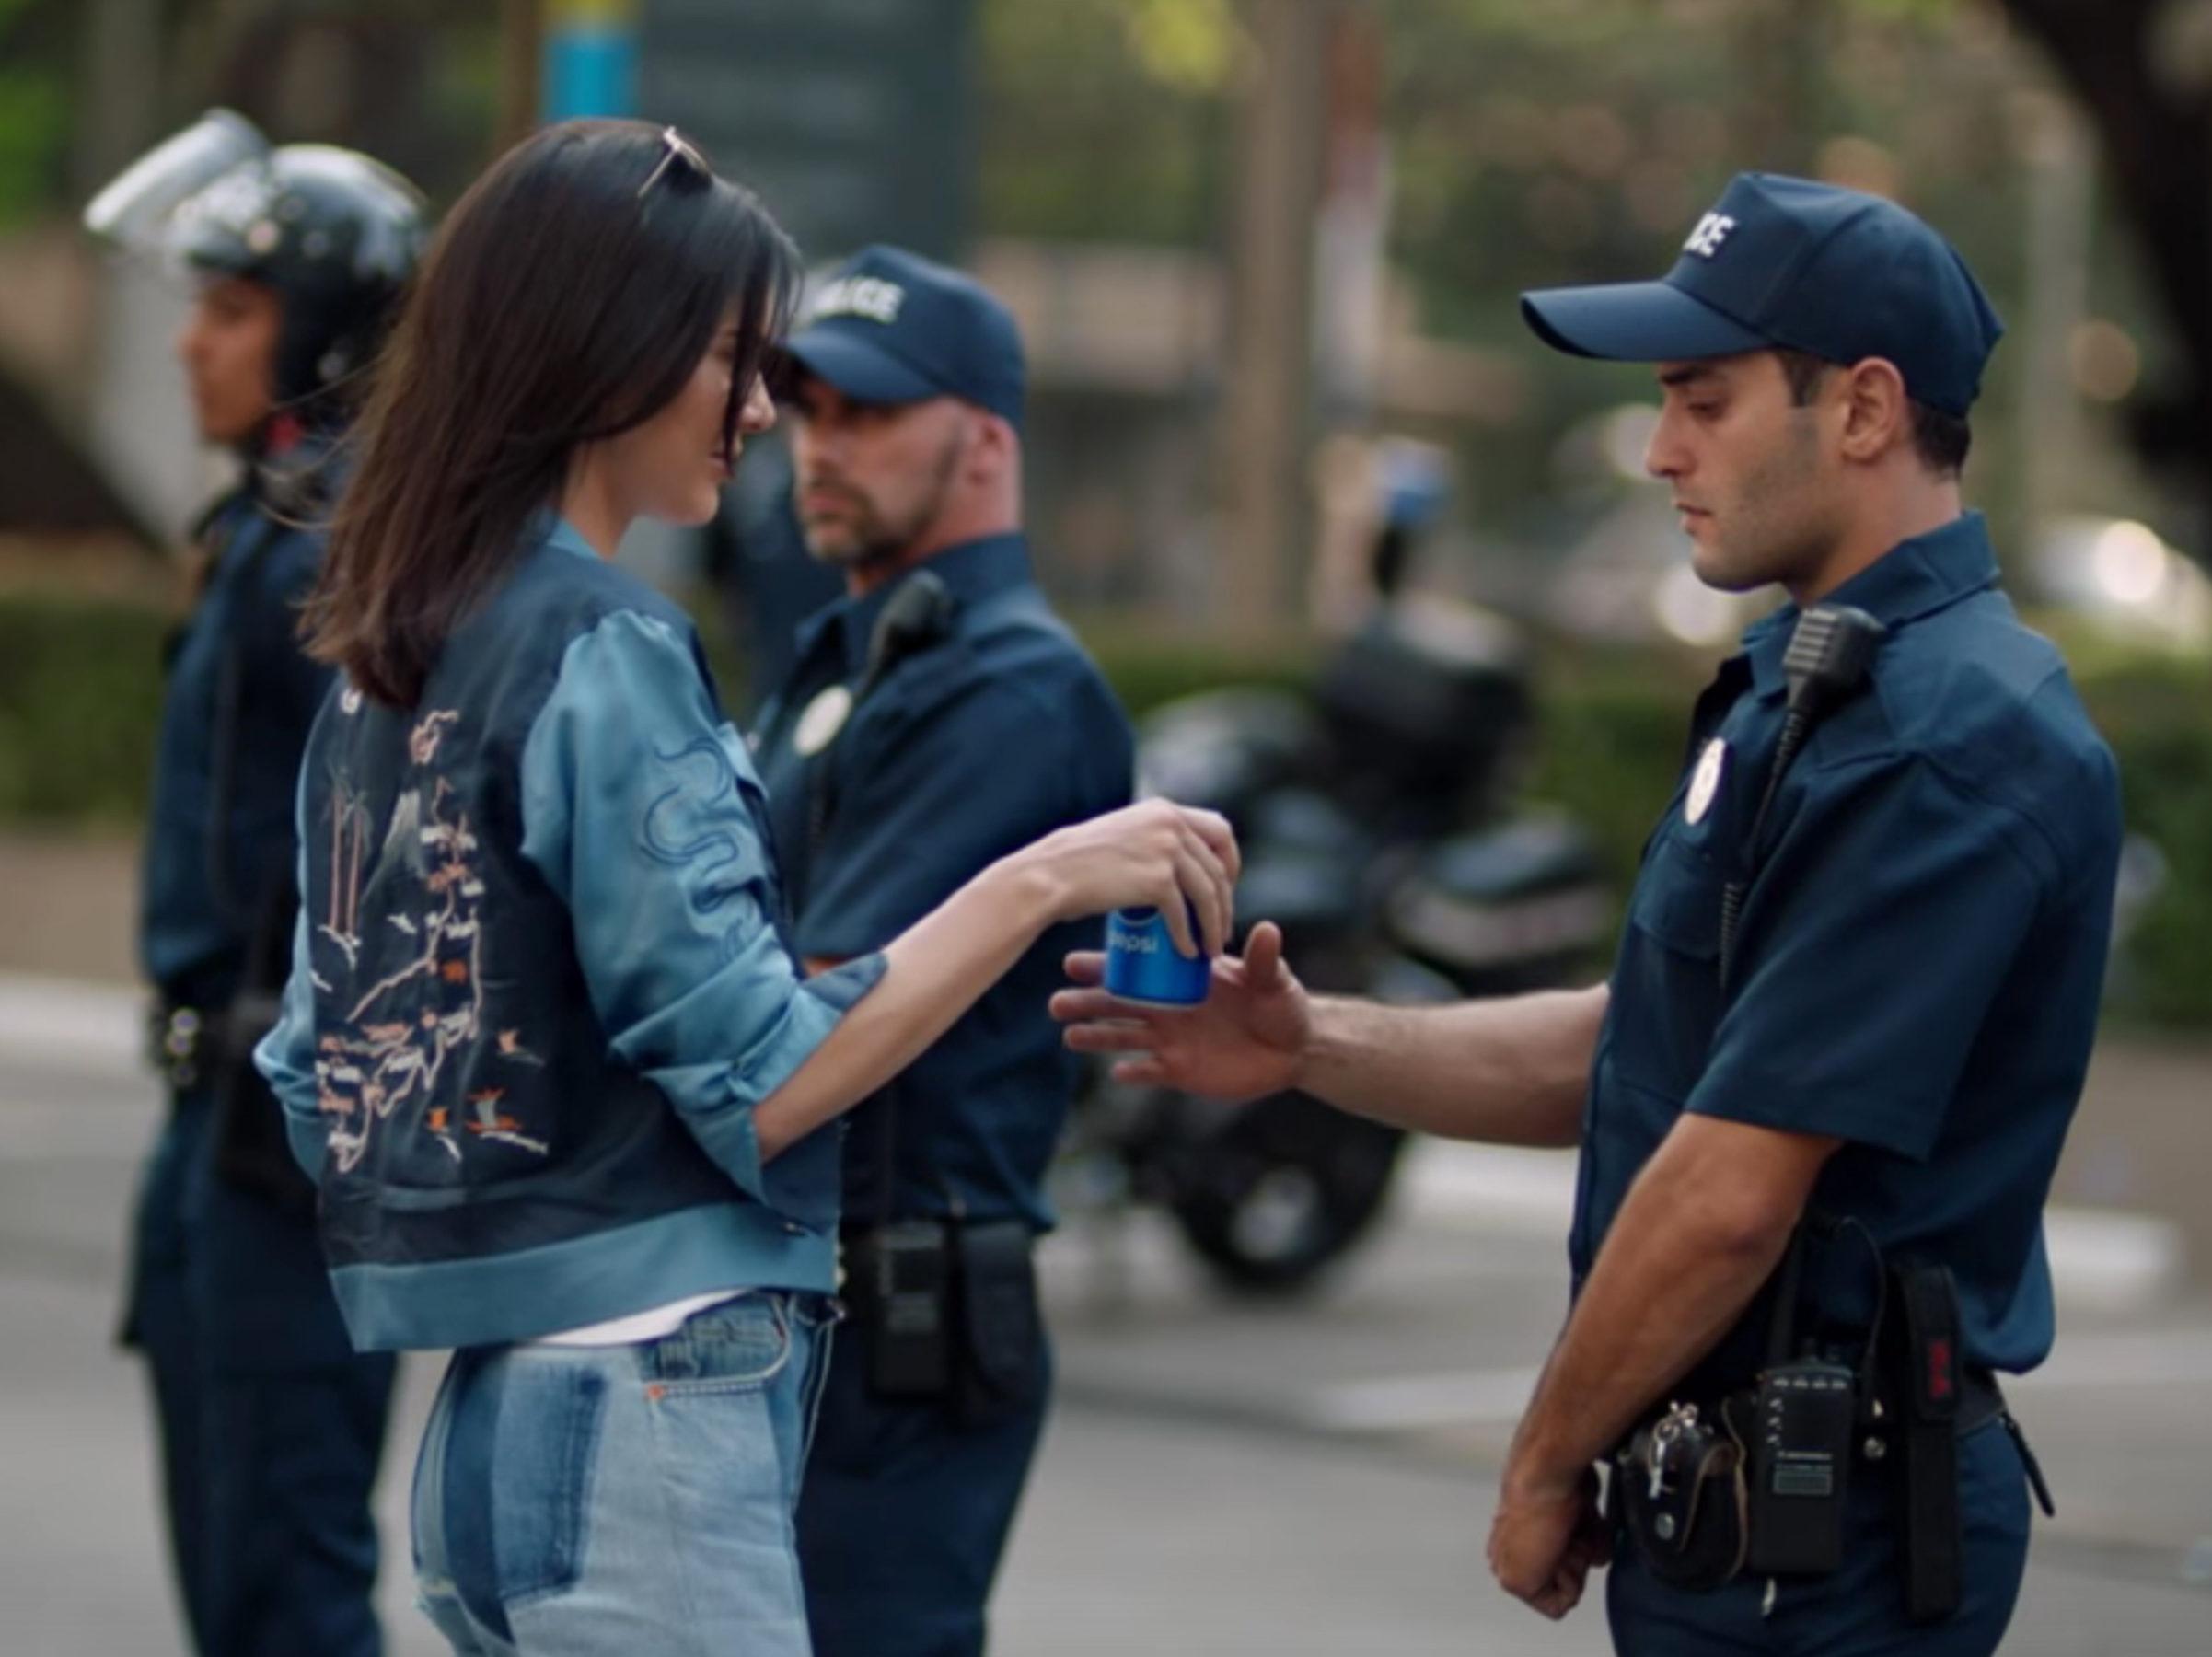 Kaader vastuolulisest Pepsi reklaamist Kendall Jenneriga